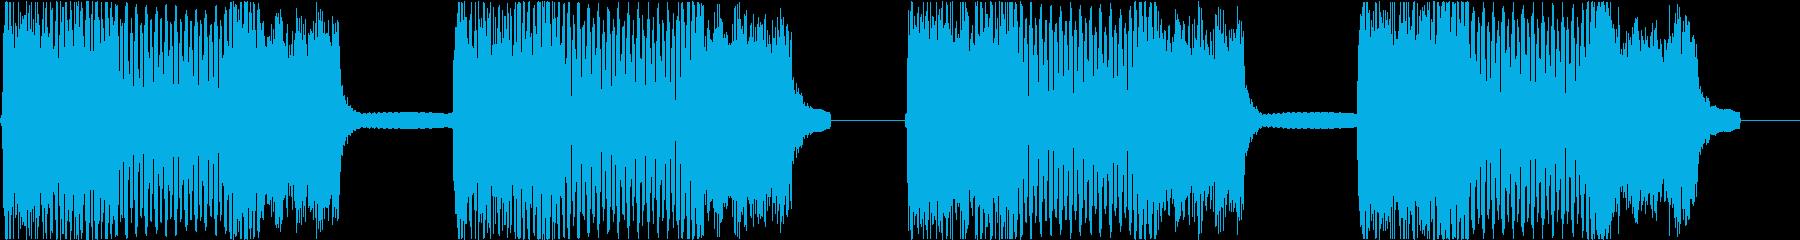 サイレン siren 警報 アラート 1の再生済みの波形